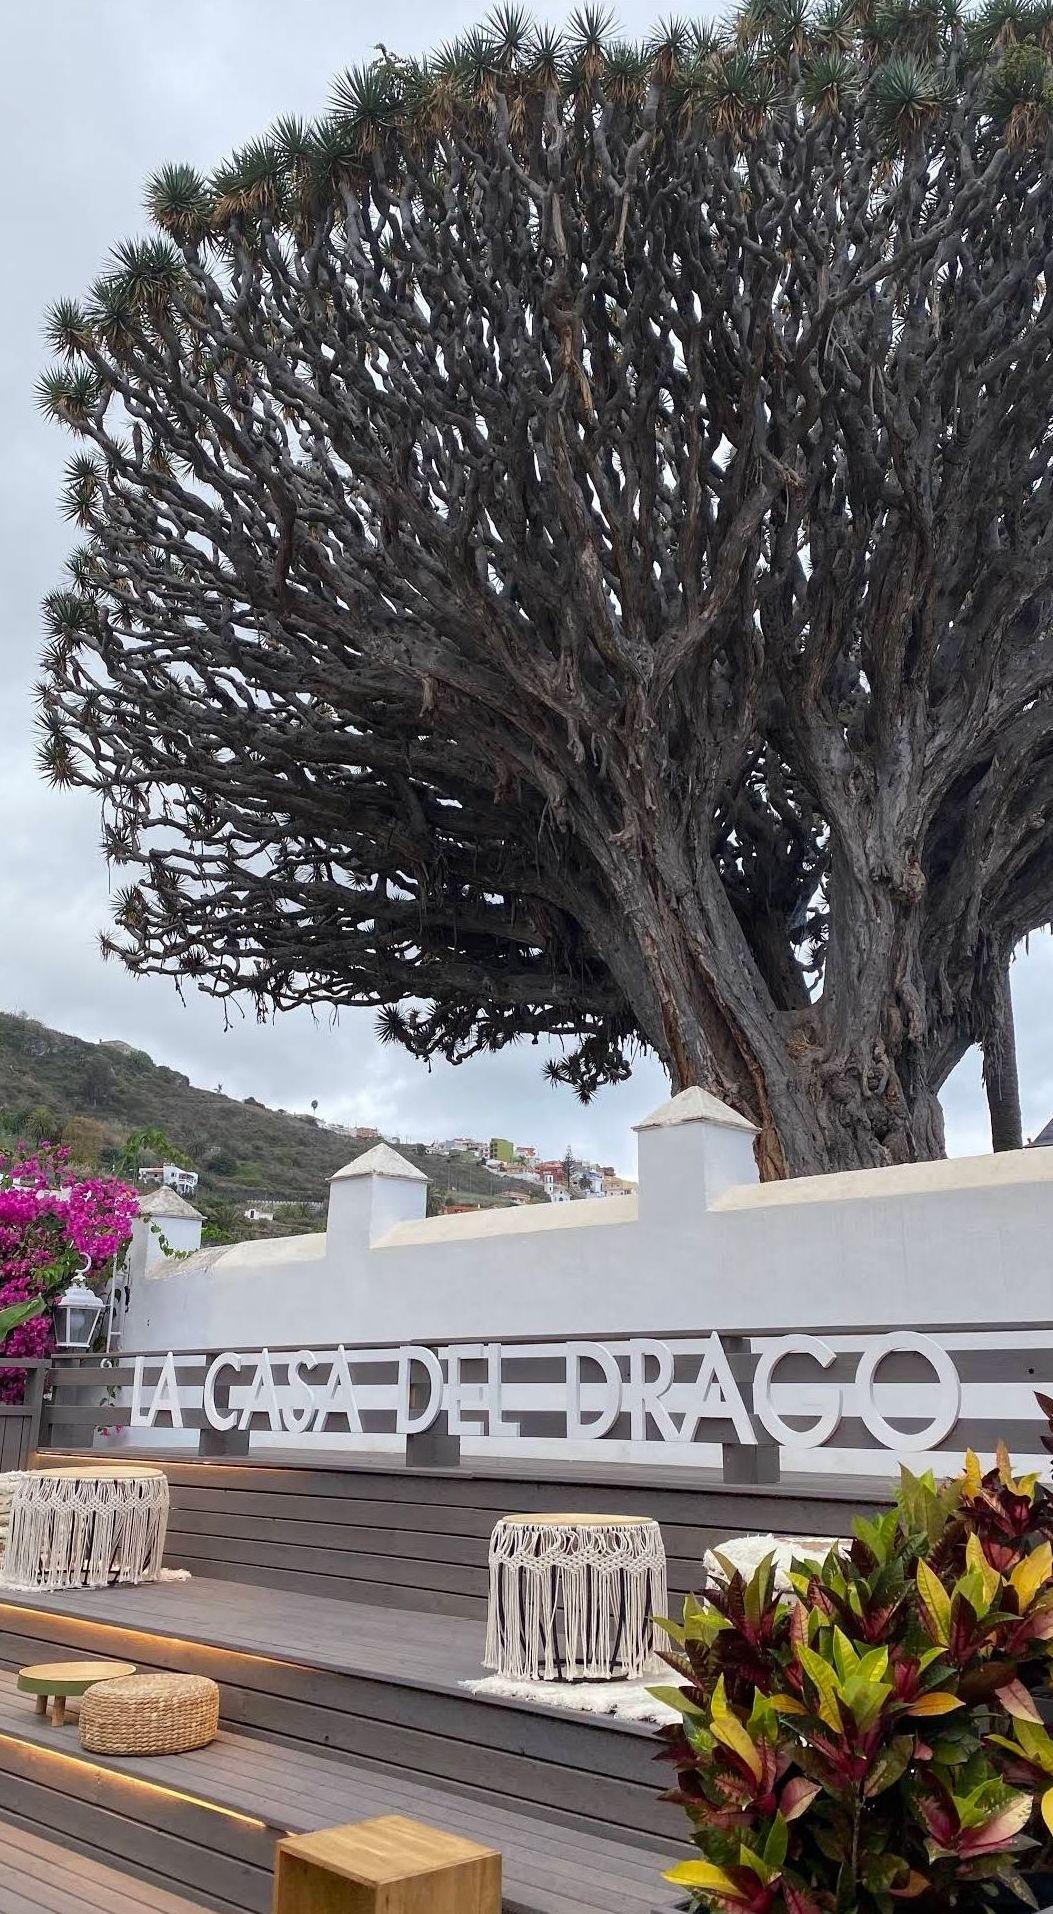 Un rincón especial en Tenerife, bajo el Drago Milenario